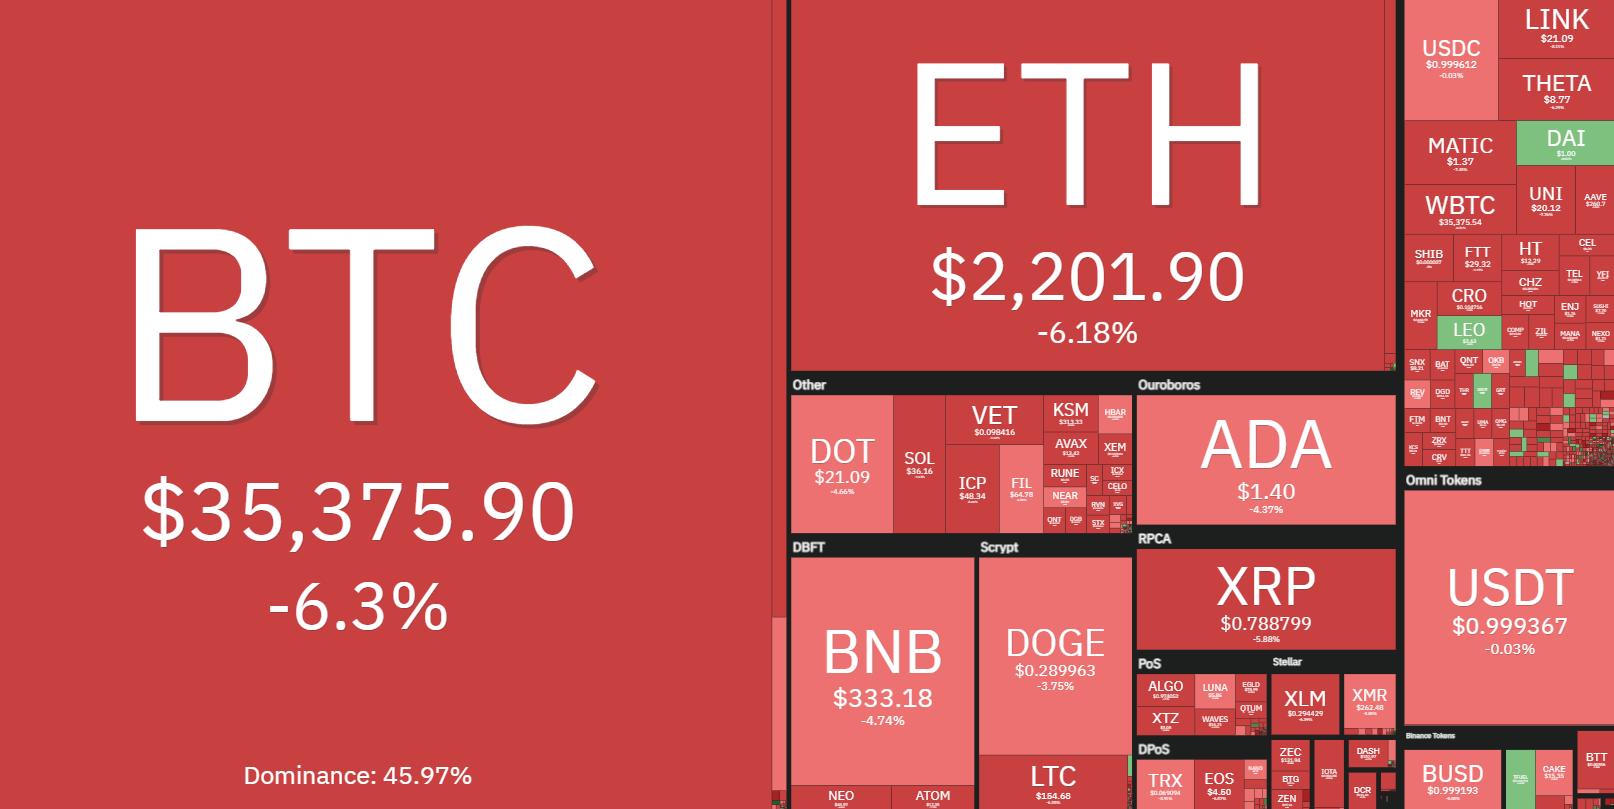 Panoramica del mercato crypto. Fonte: Coin360